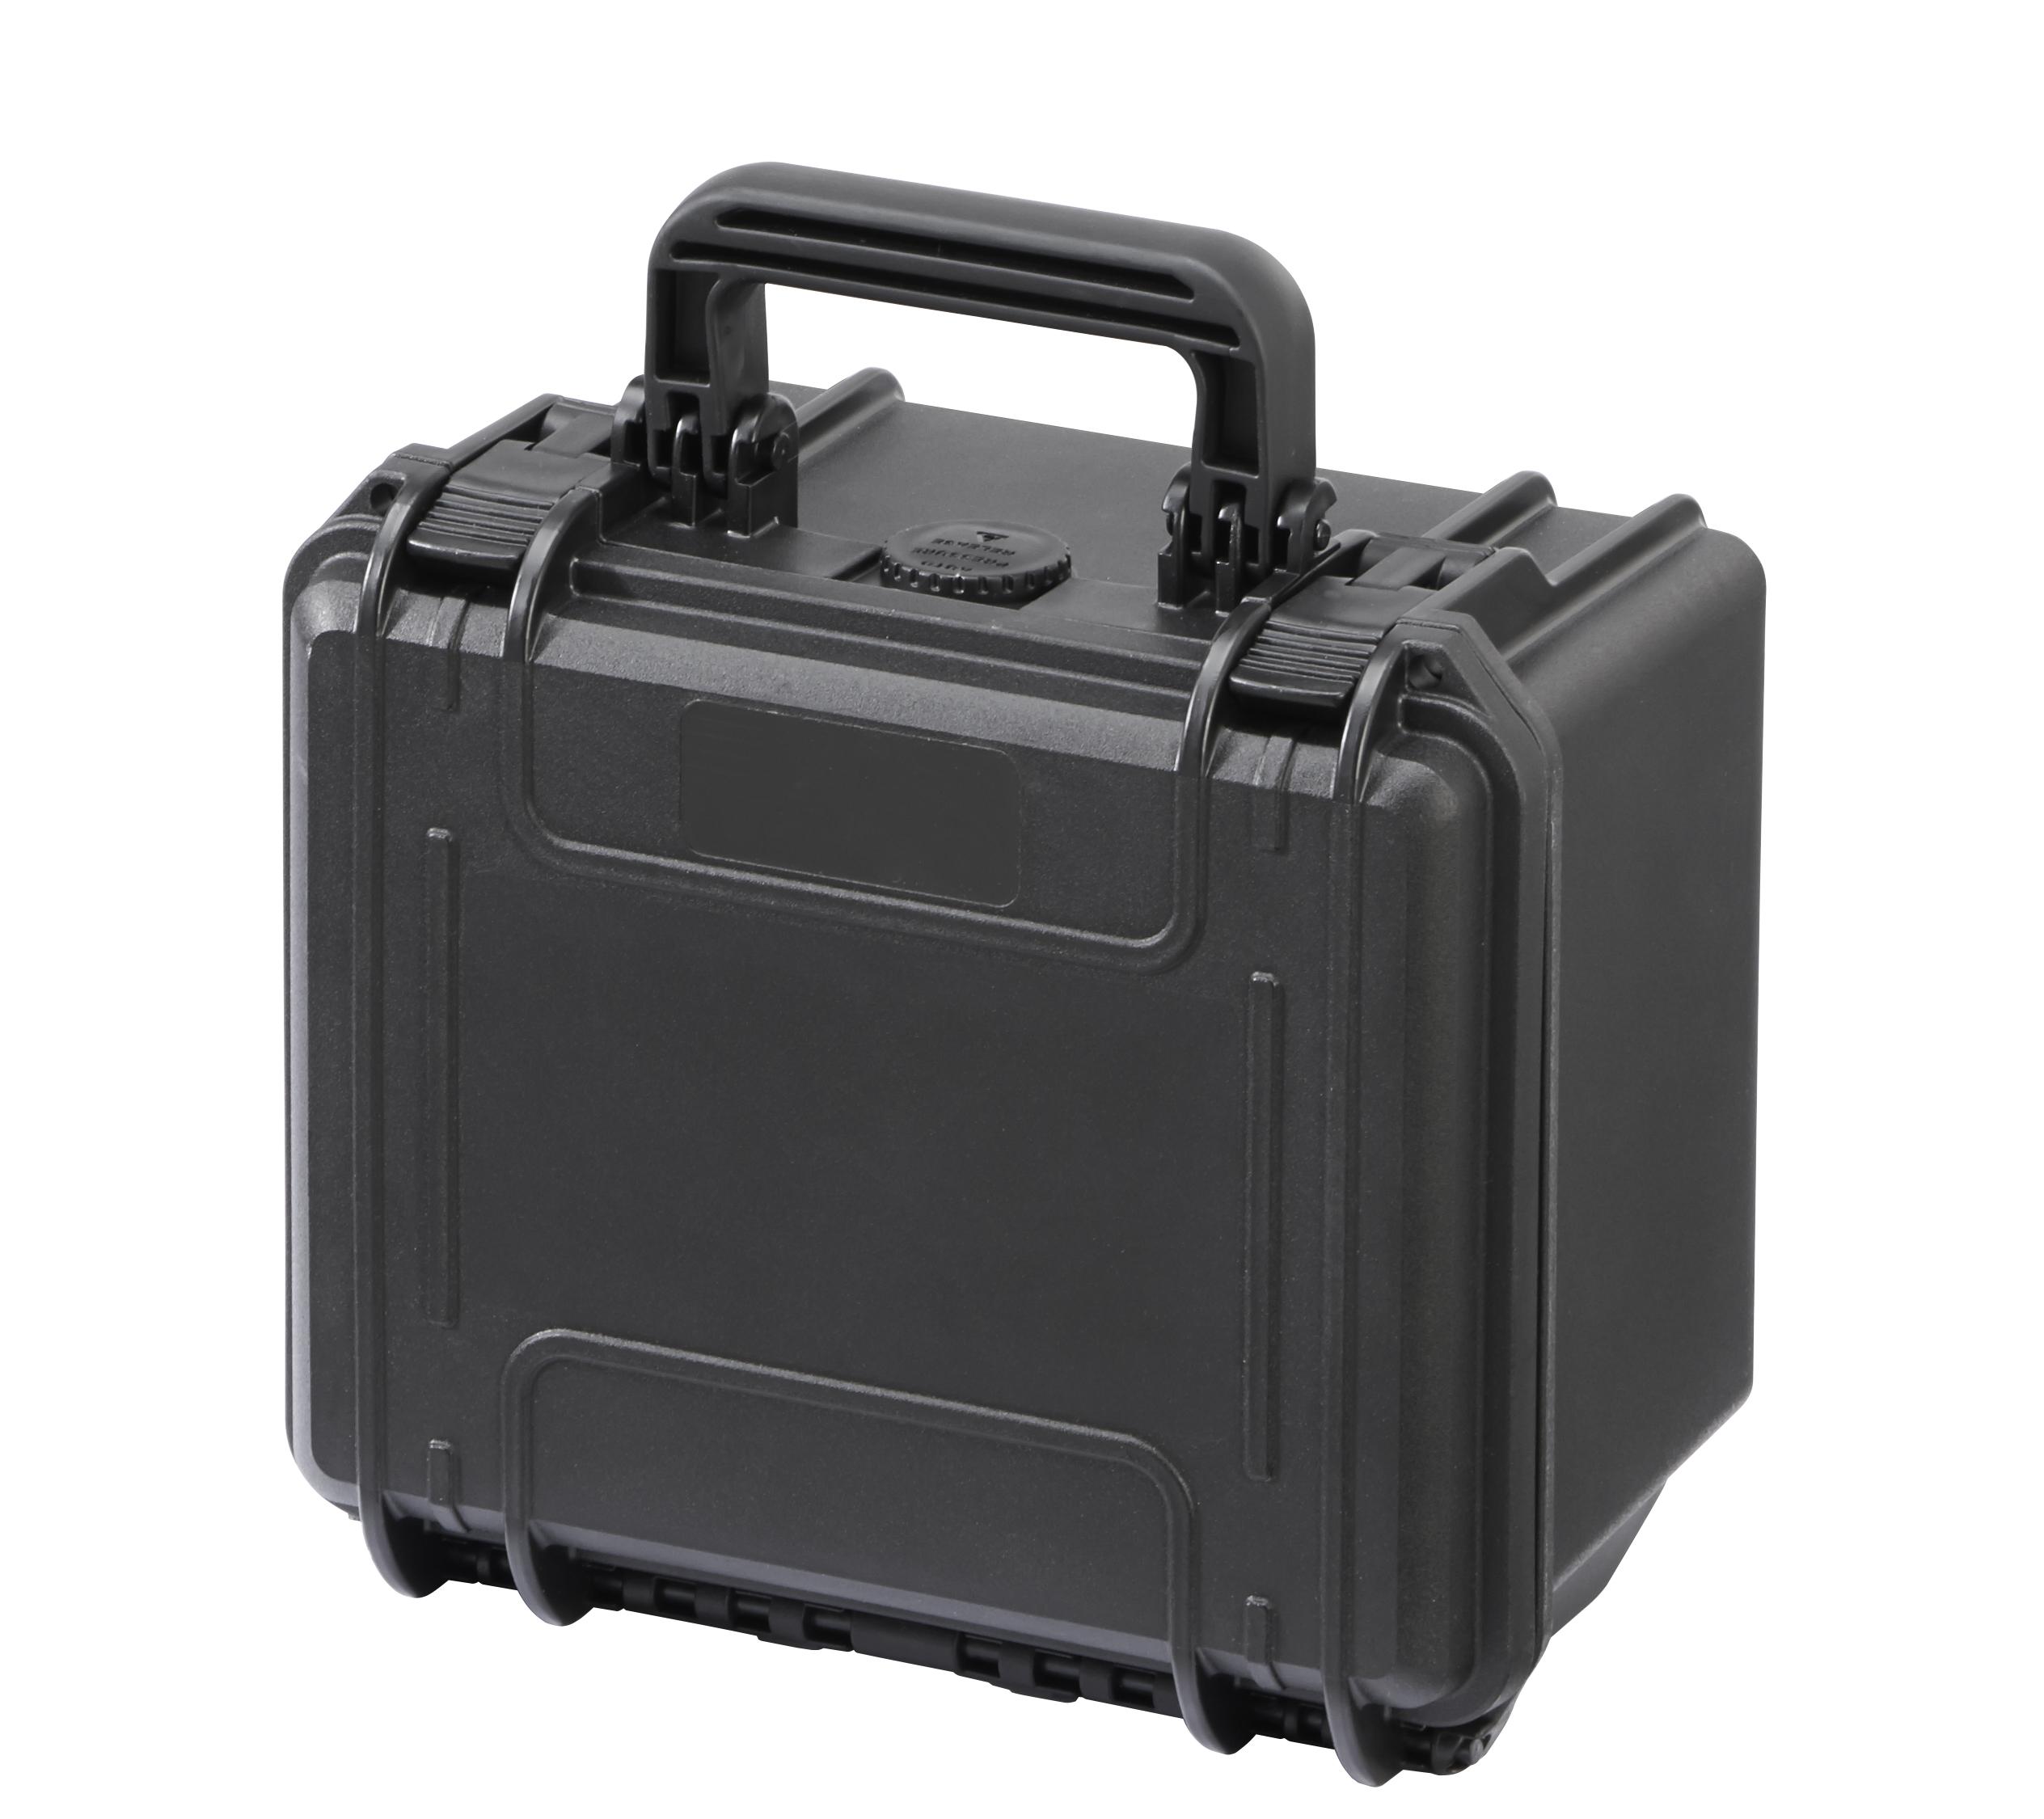 Mavic Mini 2 in a Doro 0907-6 Case30